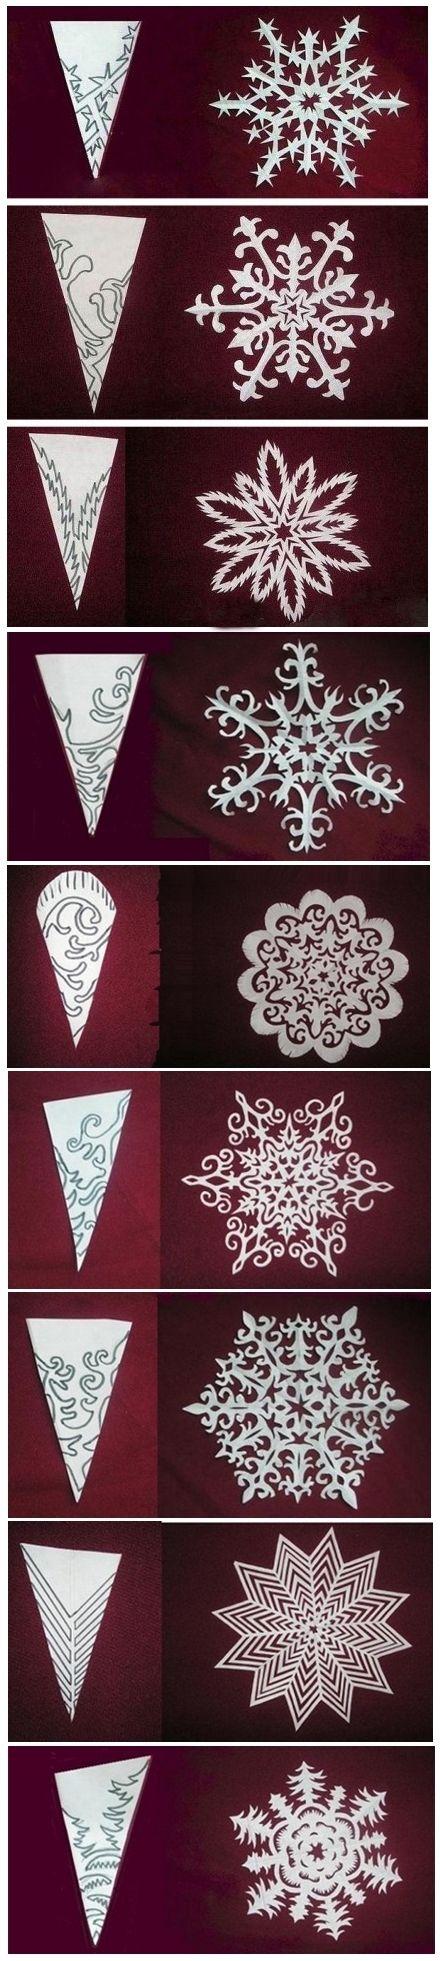 snowflake templates | decoración | Pinterest | Navidad, Papel y Nieve